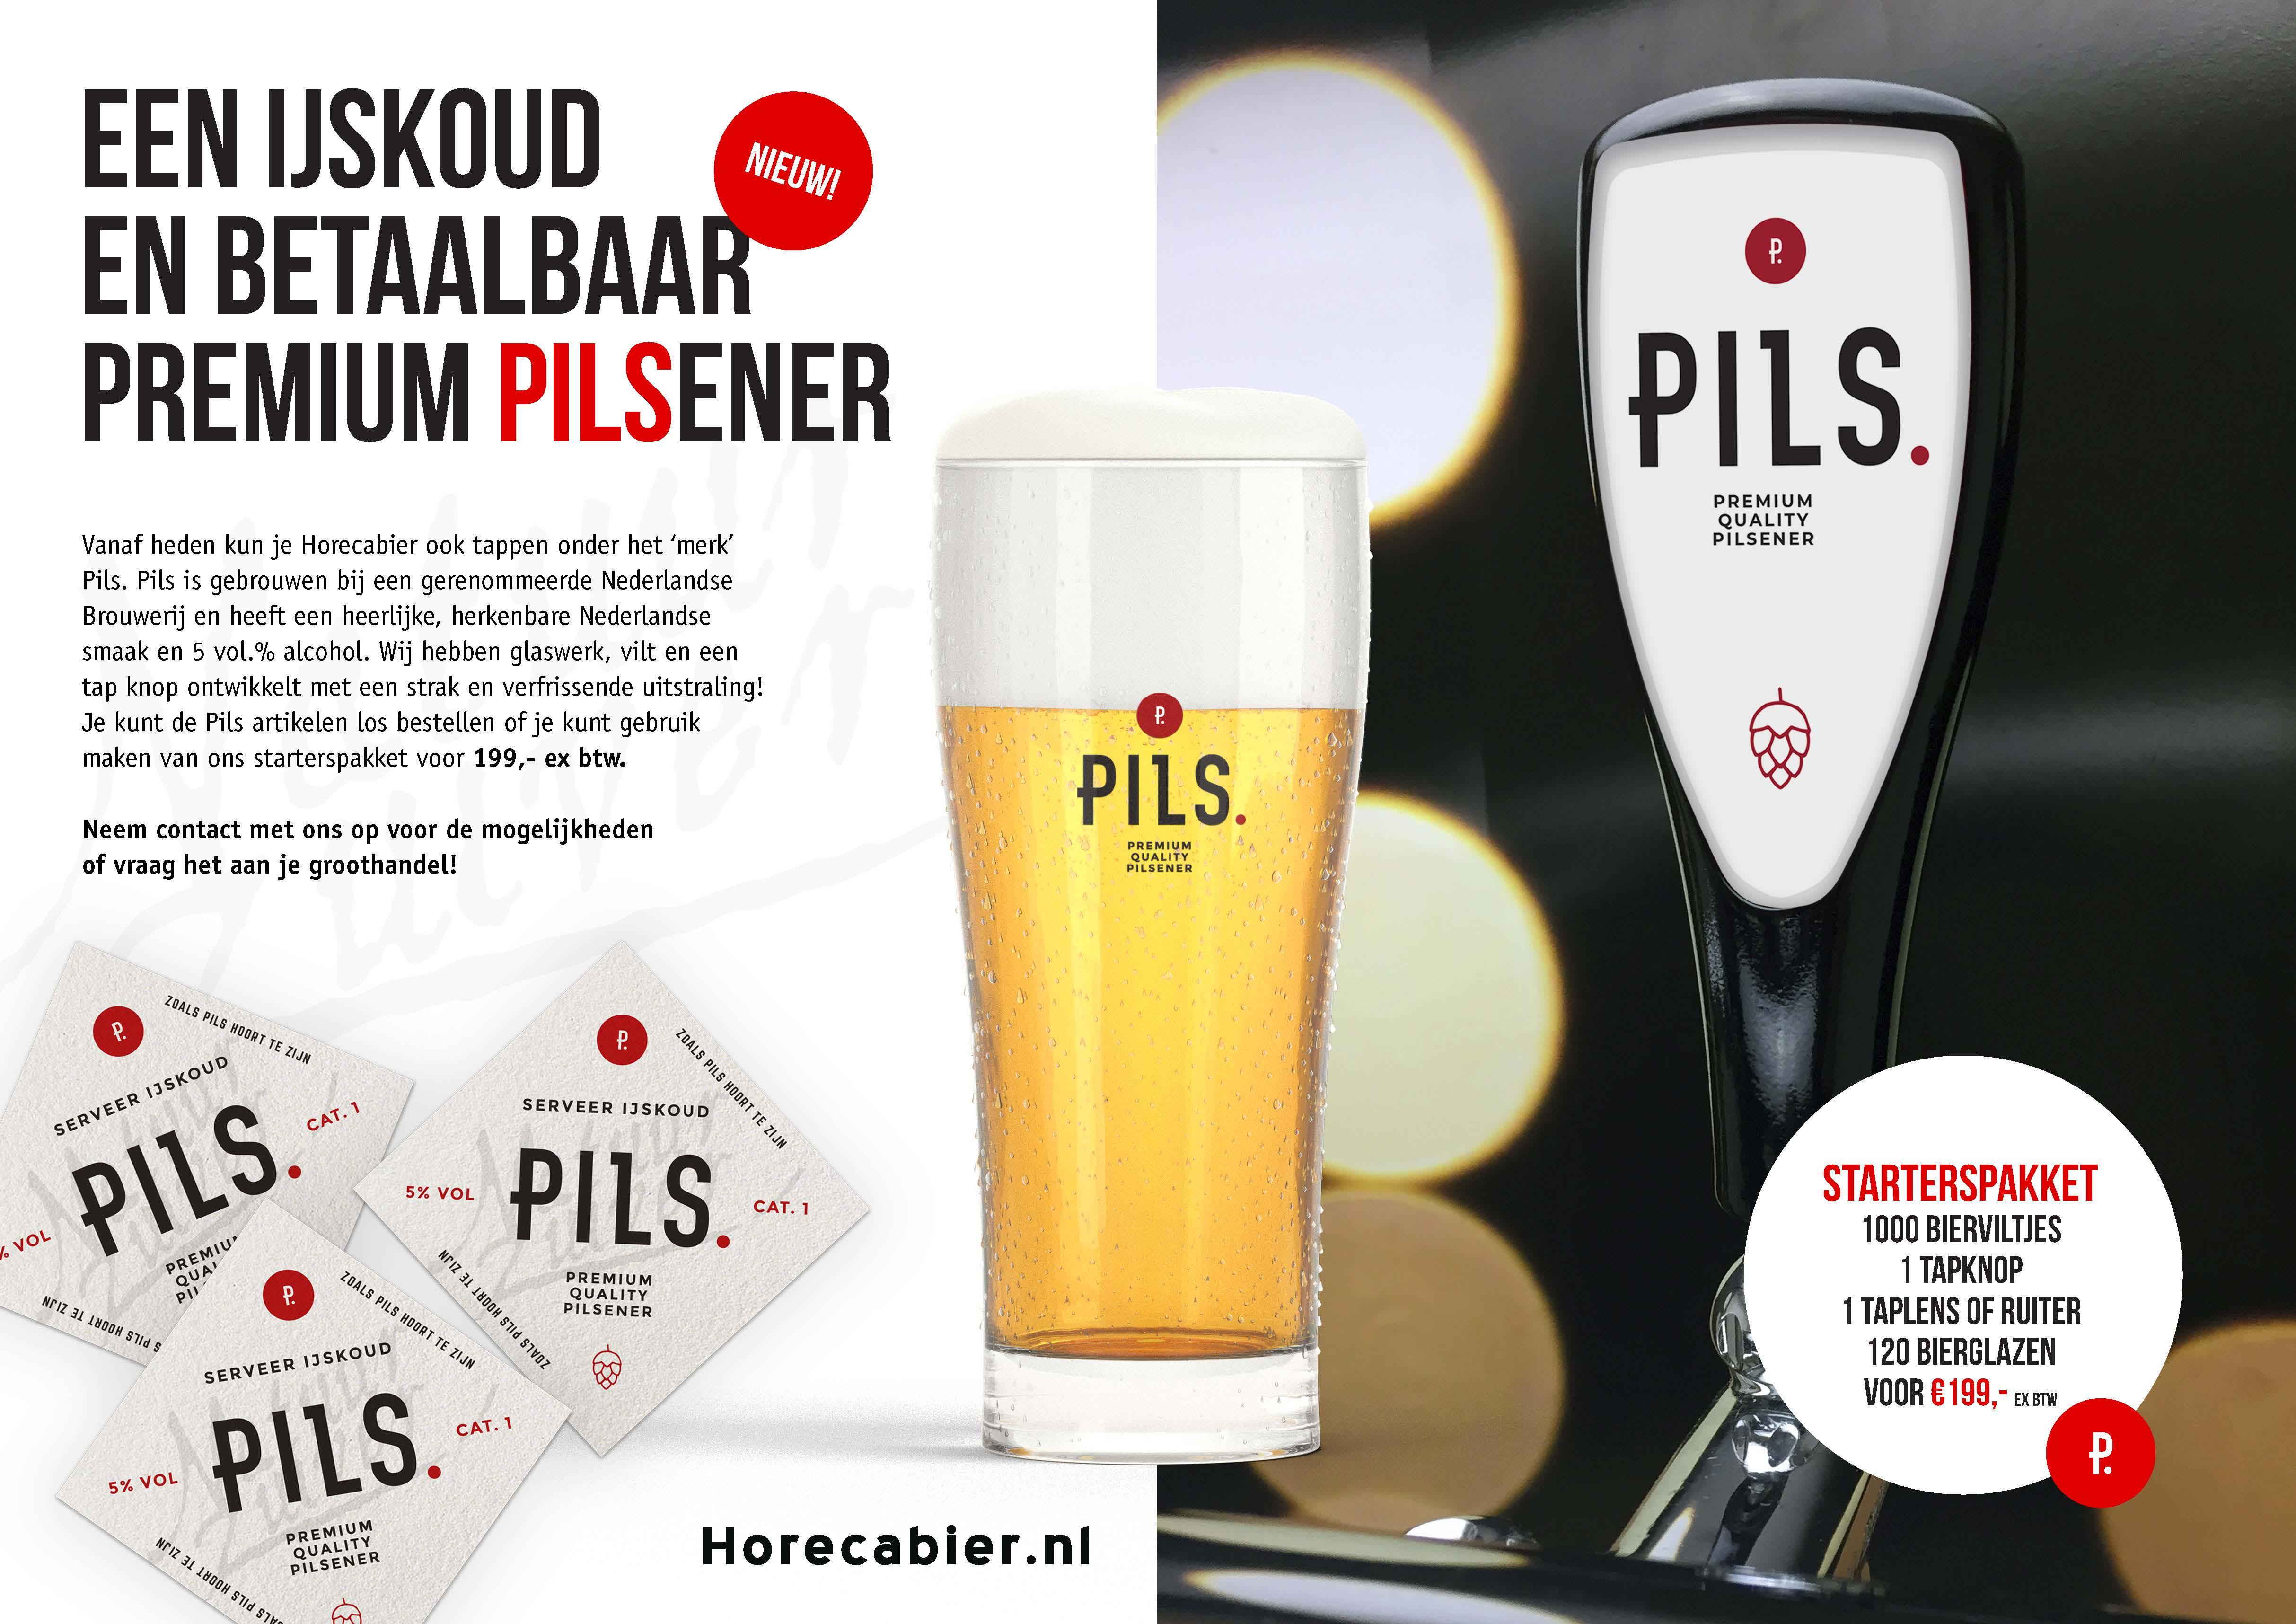 Nieuwsbrief-Nectar-Utrecht-Horecabier-Pilsner